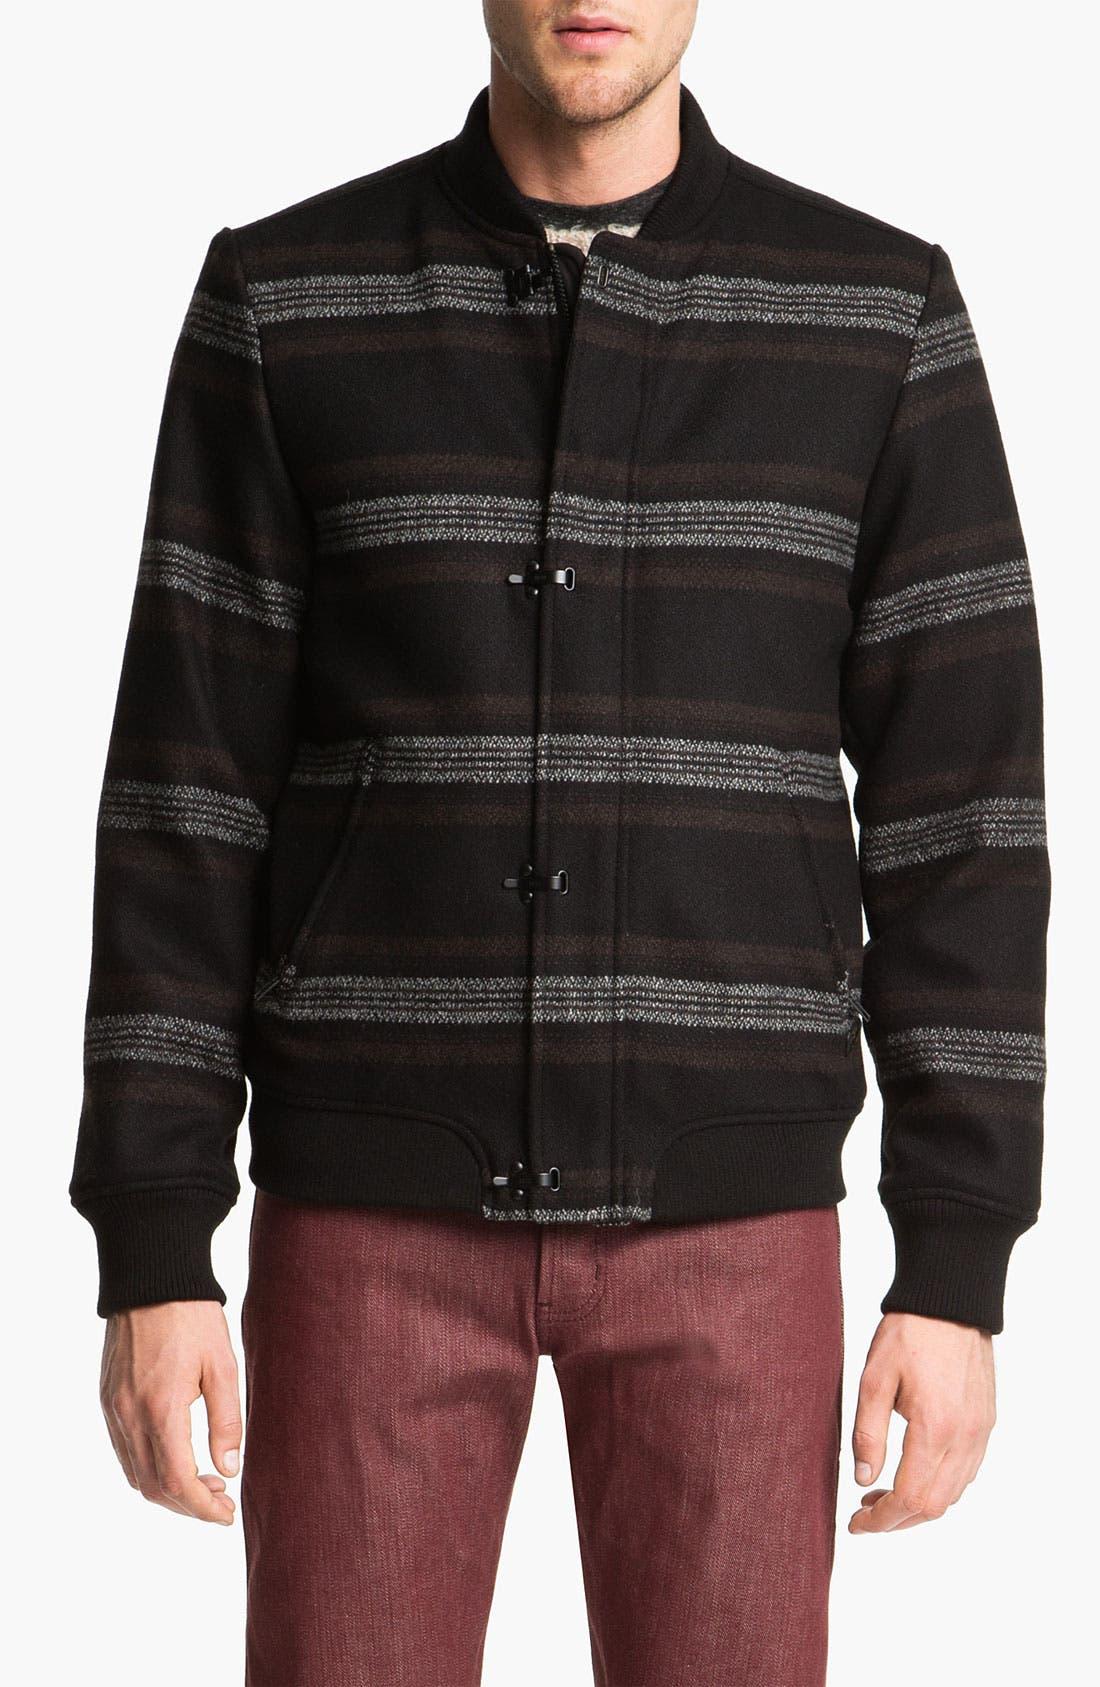 Alternate Image 1 Selected - DIESEL® 'Wihaia' Jacket